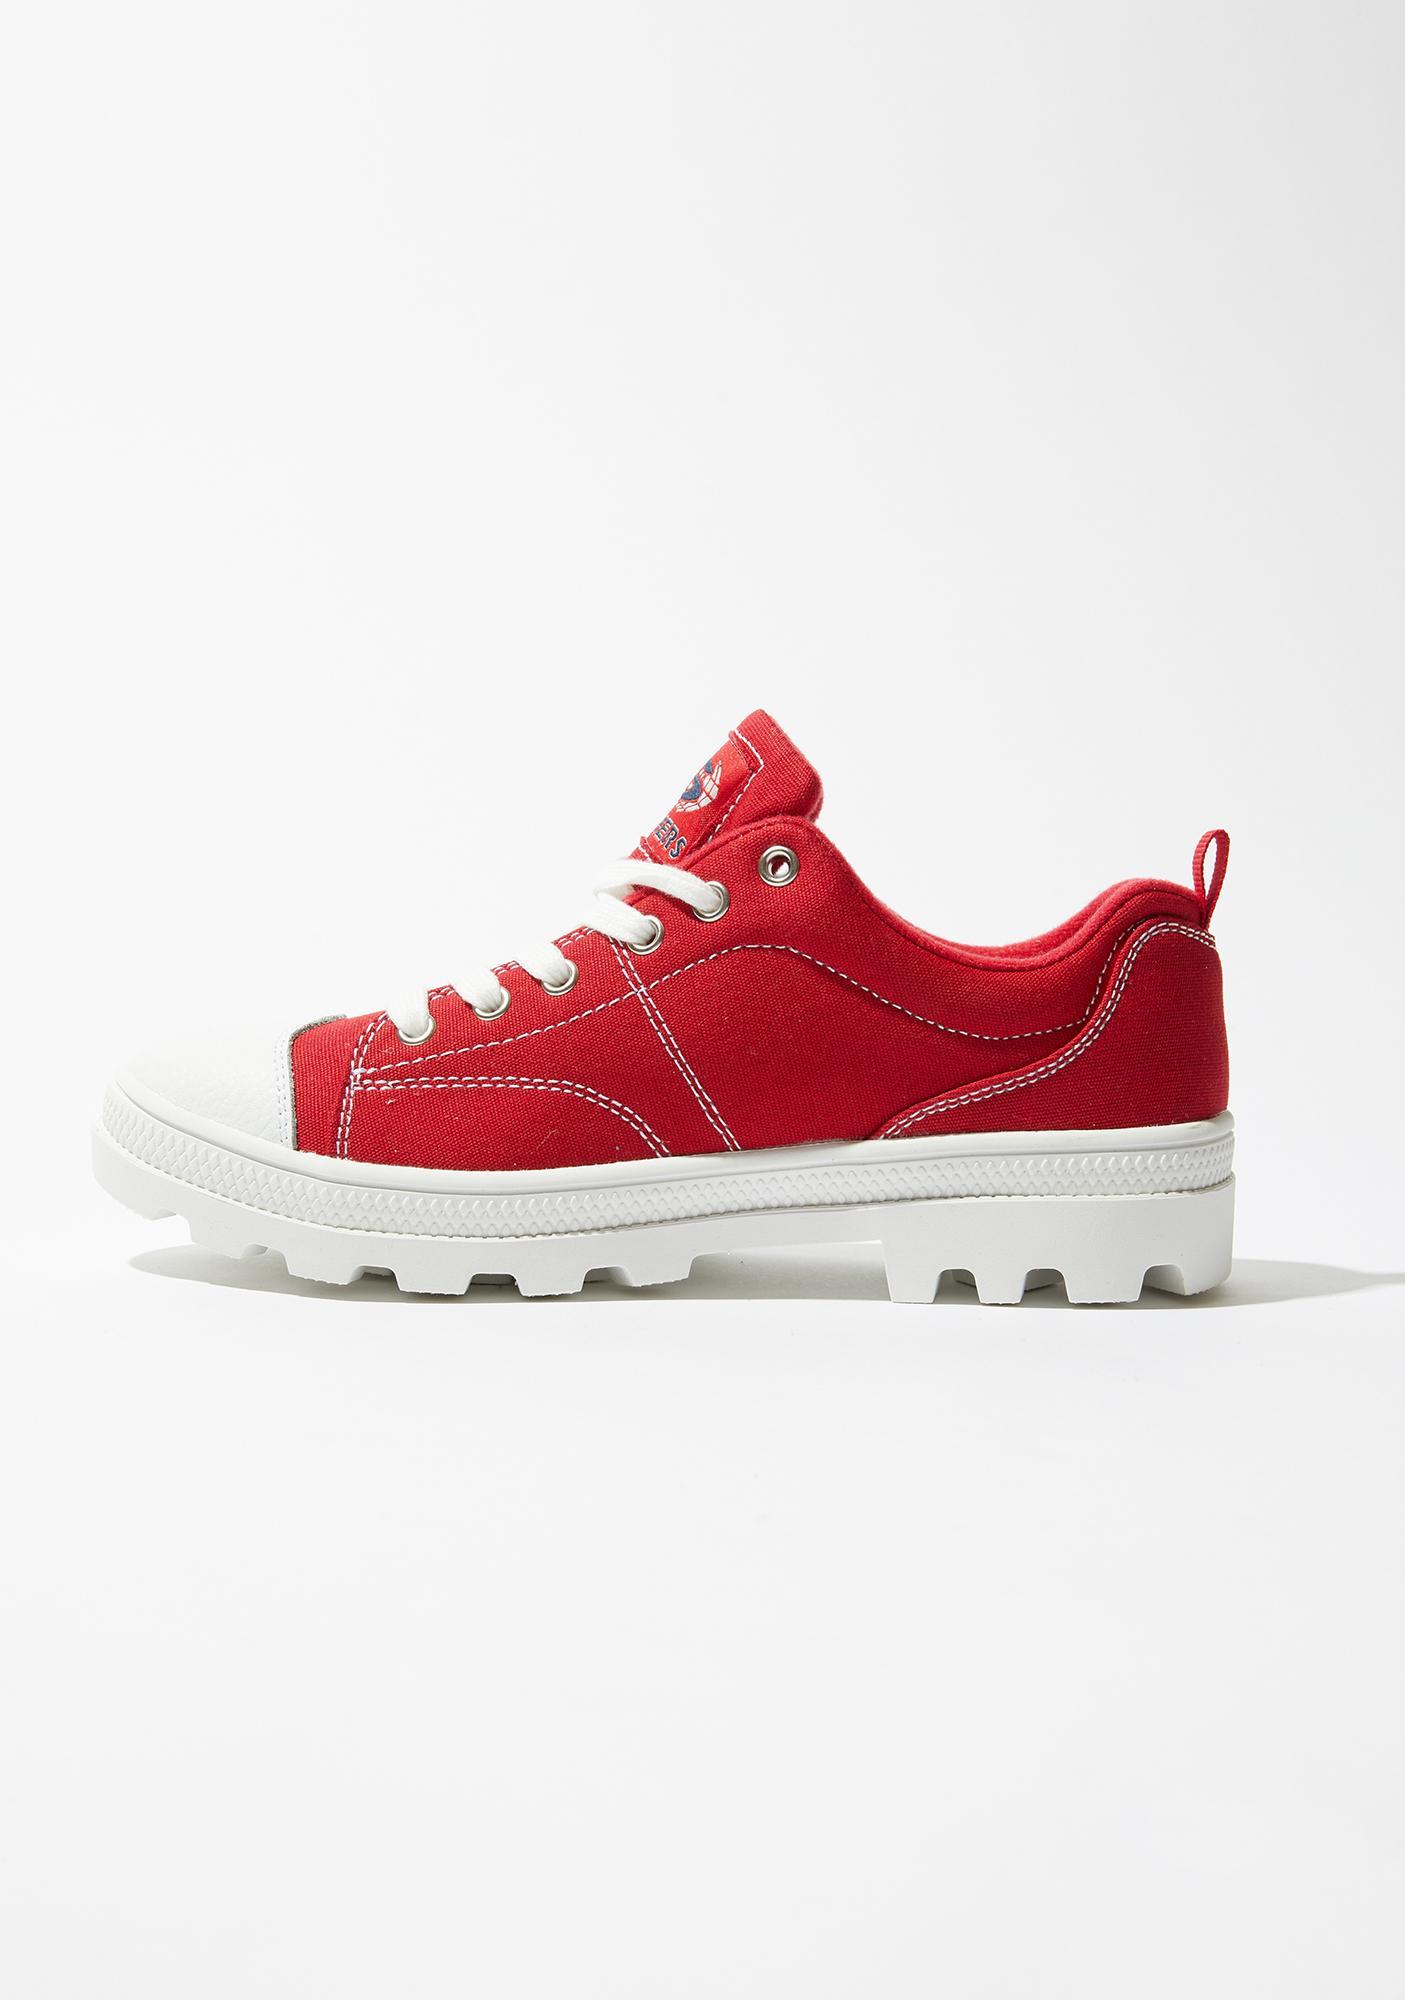 Skechers Red Roadies True Roots Sneakers